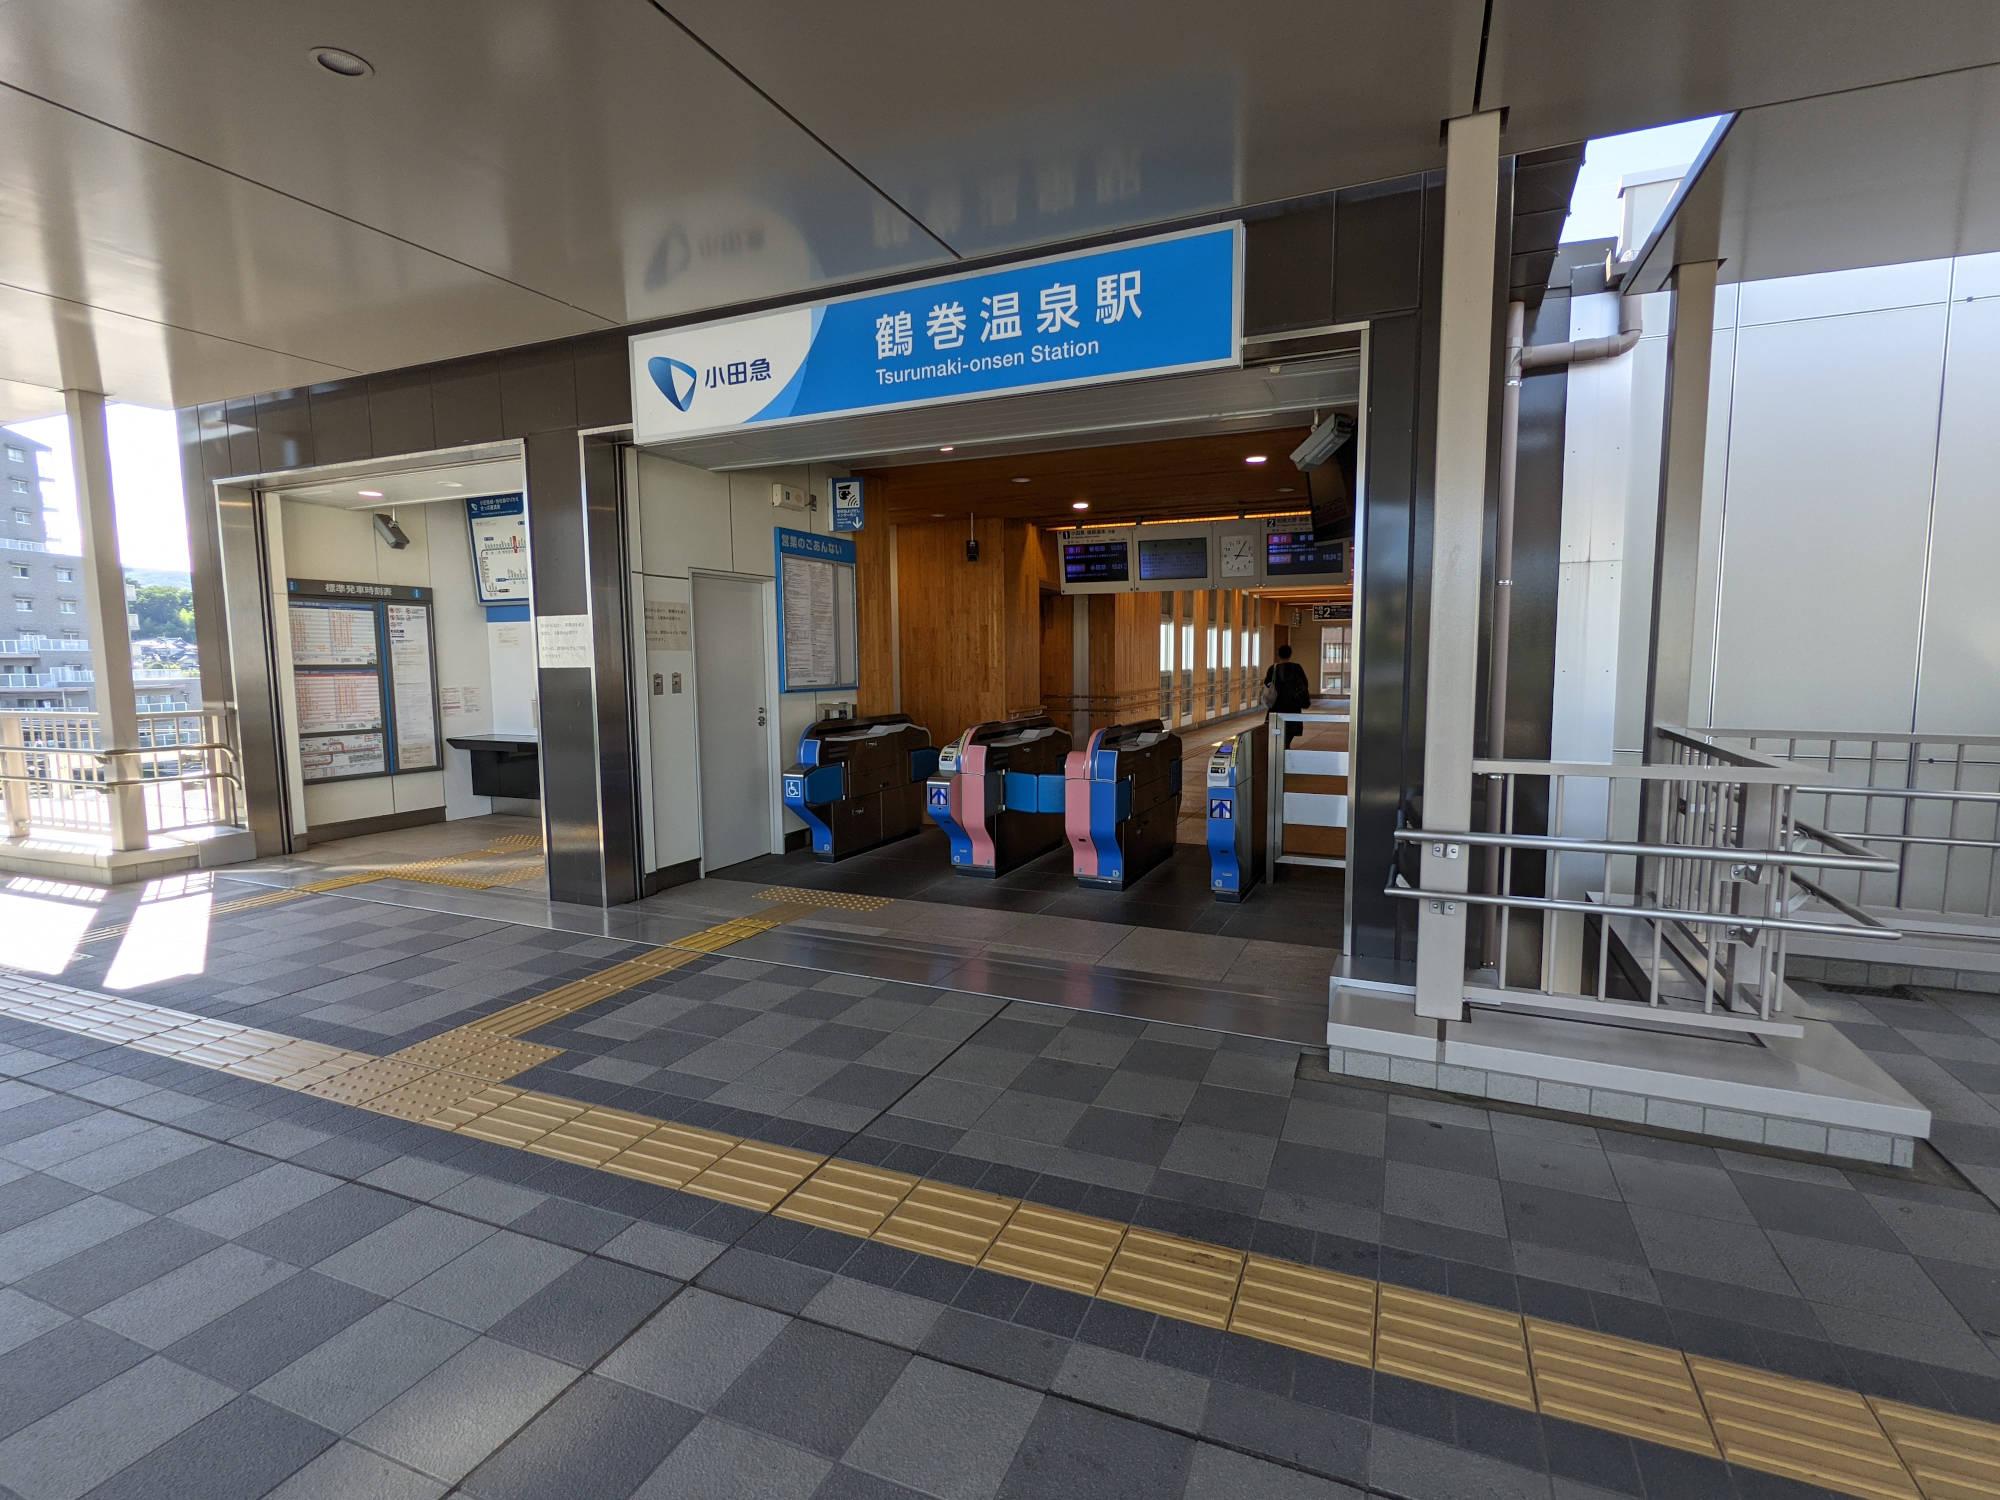 鶴巻温泉駅南口の改札